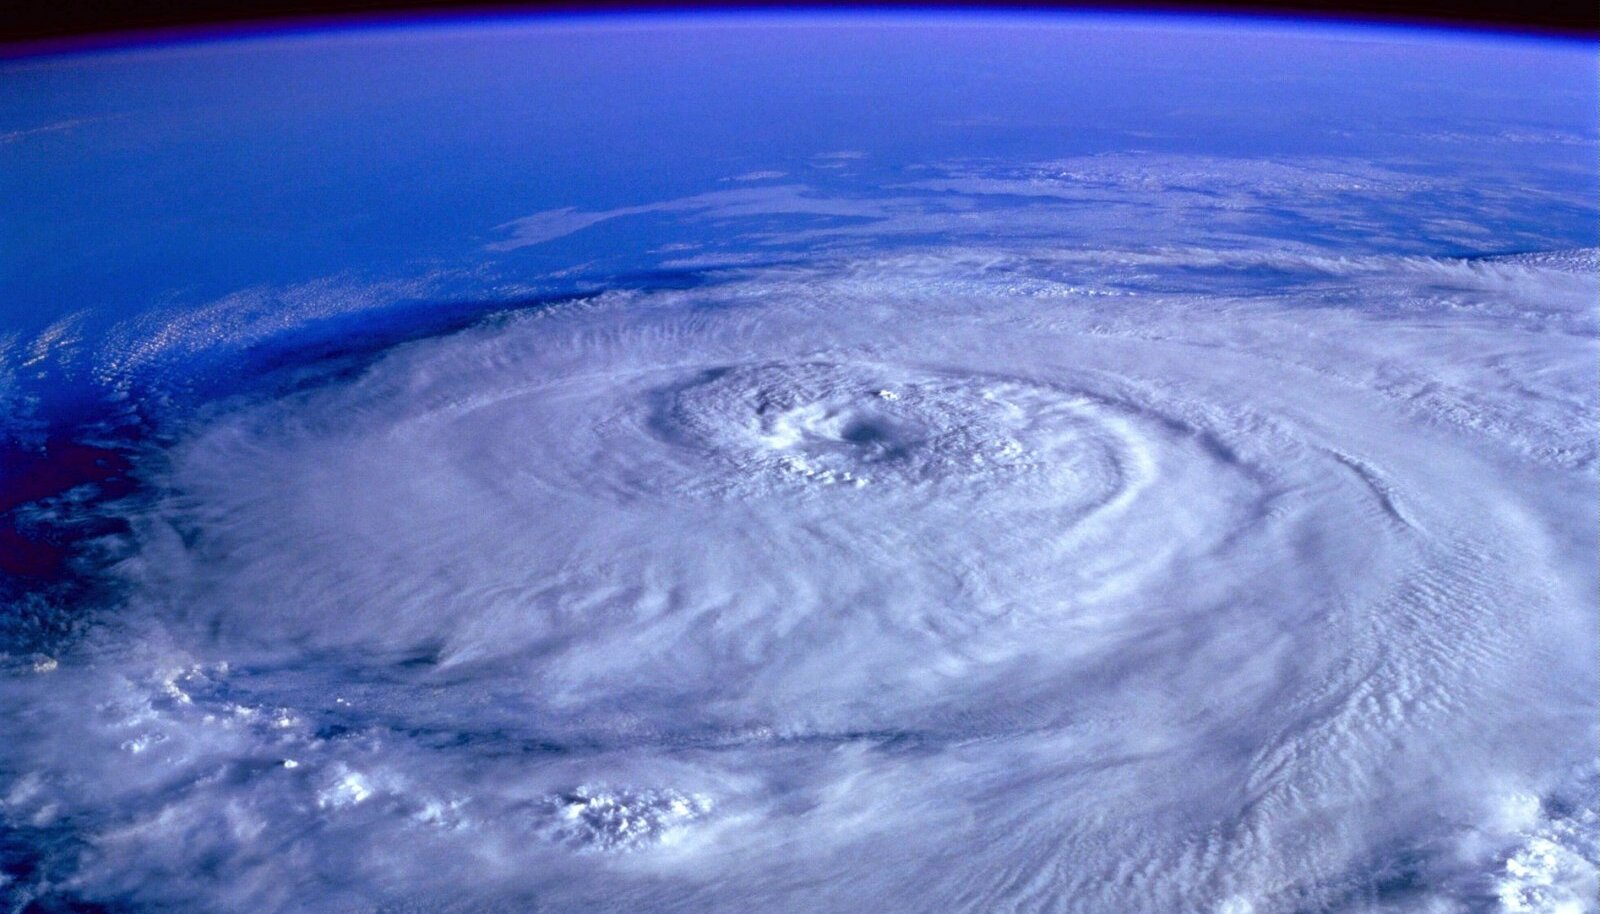 Illustratiivsel eesmärgil: Maal möllav orkaan kosmosest vaadelduna (Foto: Pixabay / David Mark)